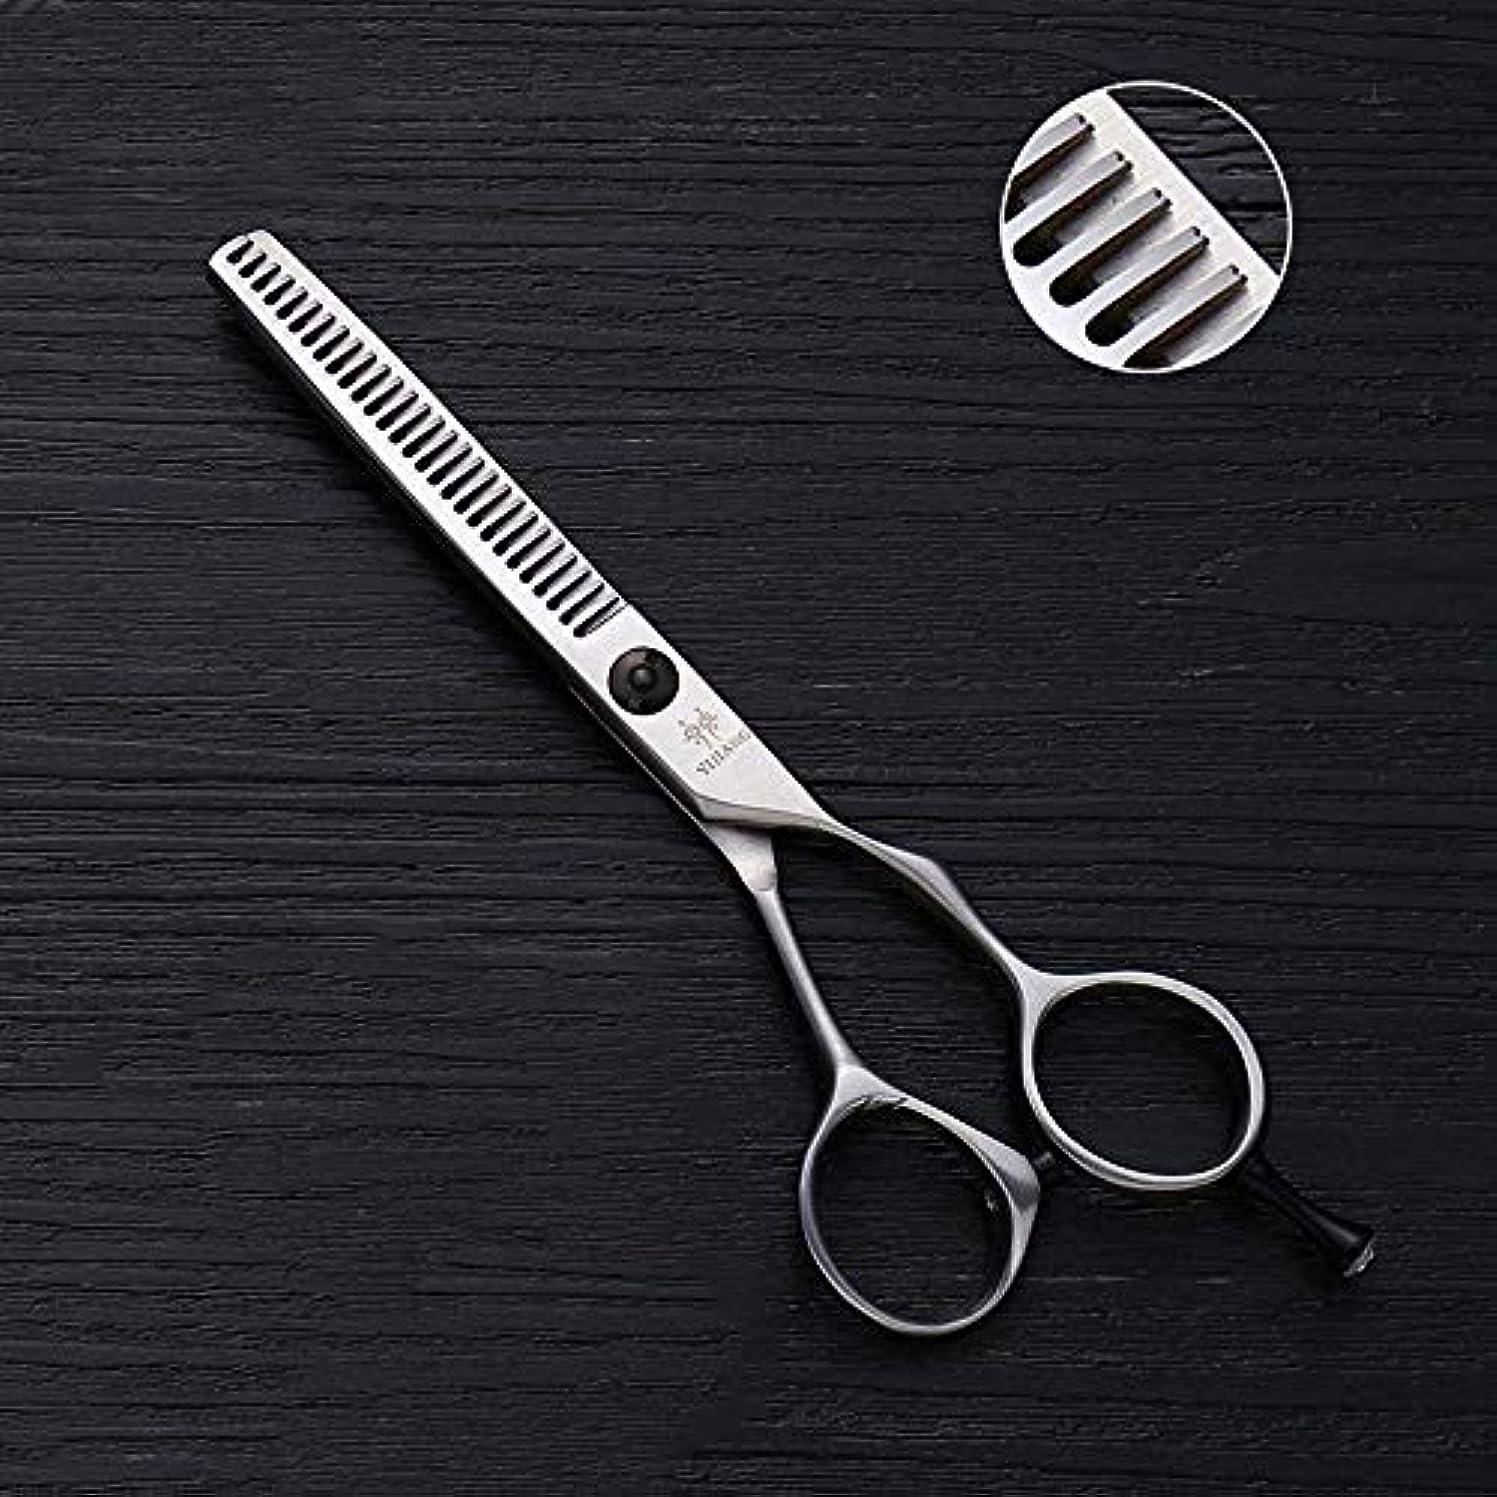 部屋を掃除する悪質な人物5インチの理髪はさみ、28歯の間伐はさみ、ステンレス鋼のV歯ヘアカット モデリングツール (色 : Silver)